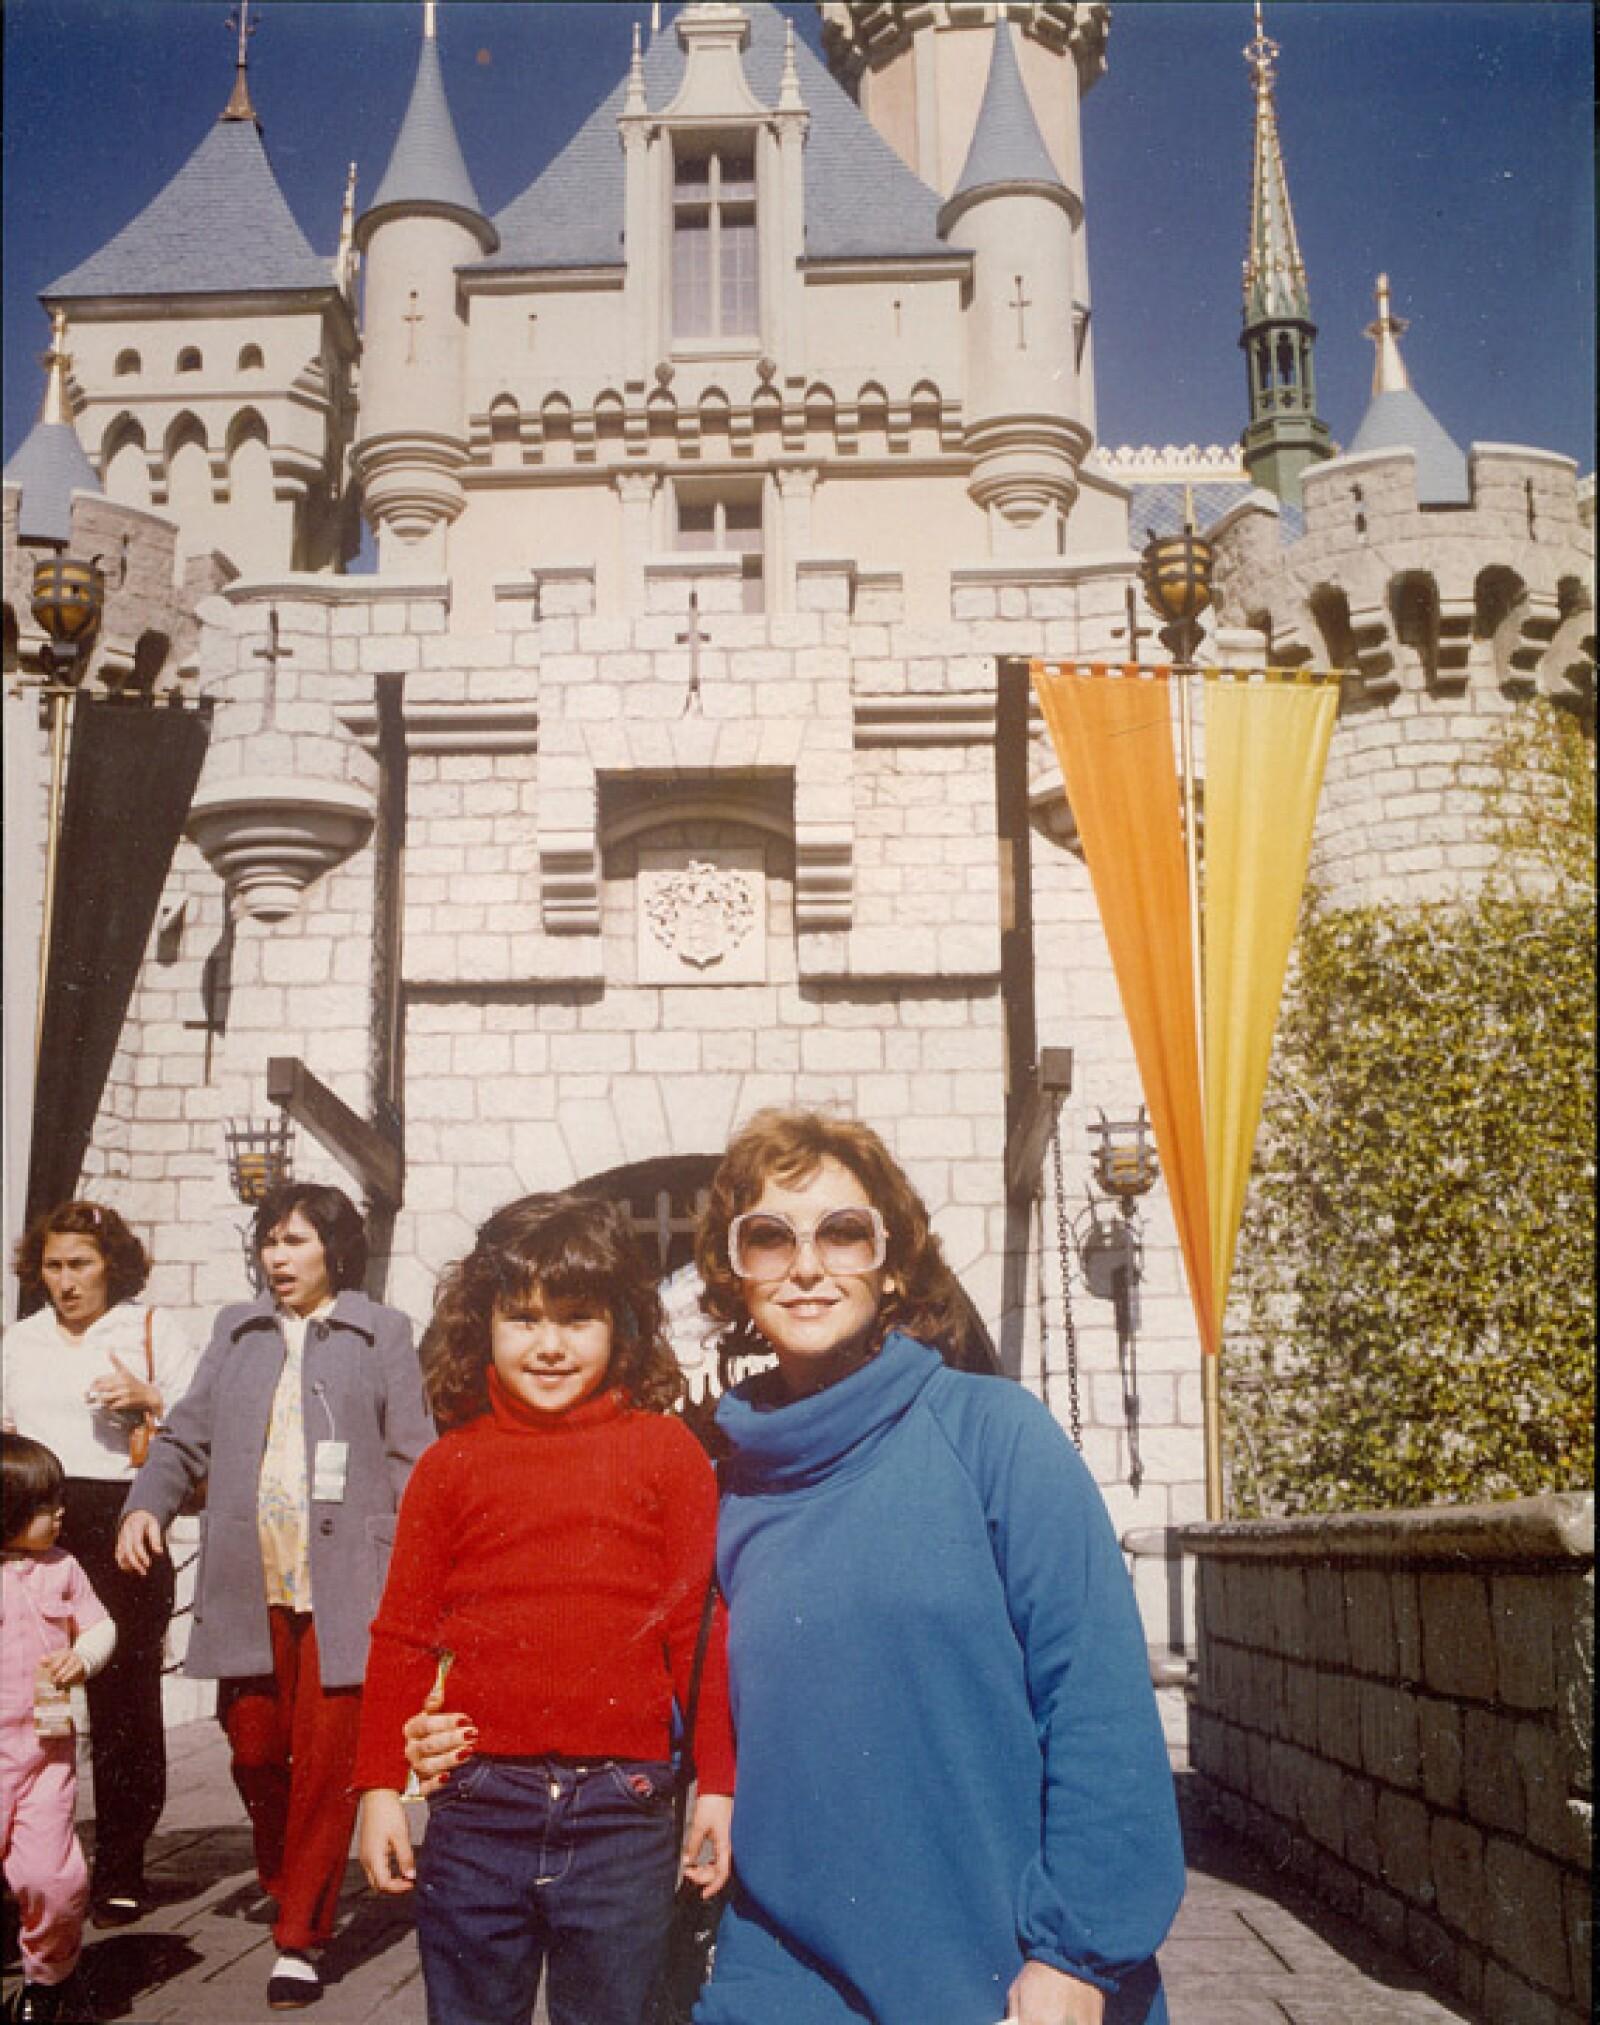 Hace mucho tiempo Angélica María regaló a Angélica Vale unas vacaciones en Disney.